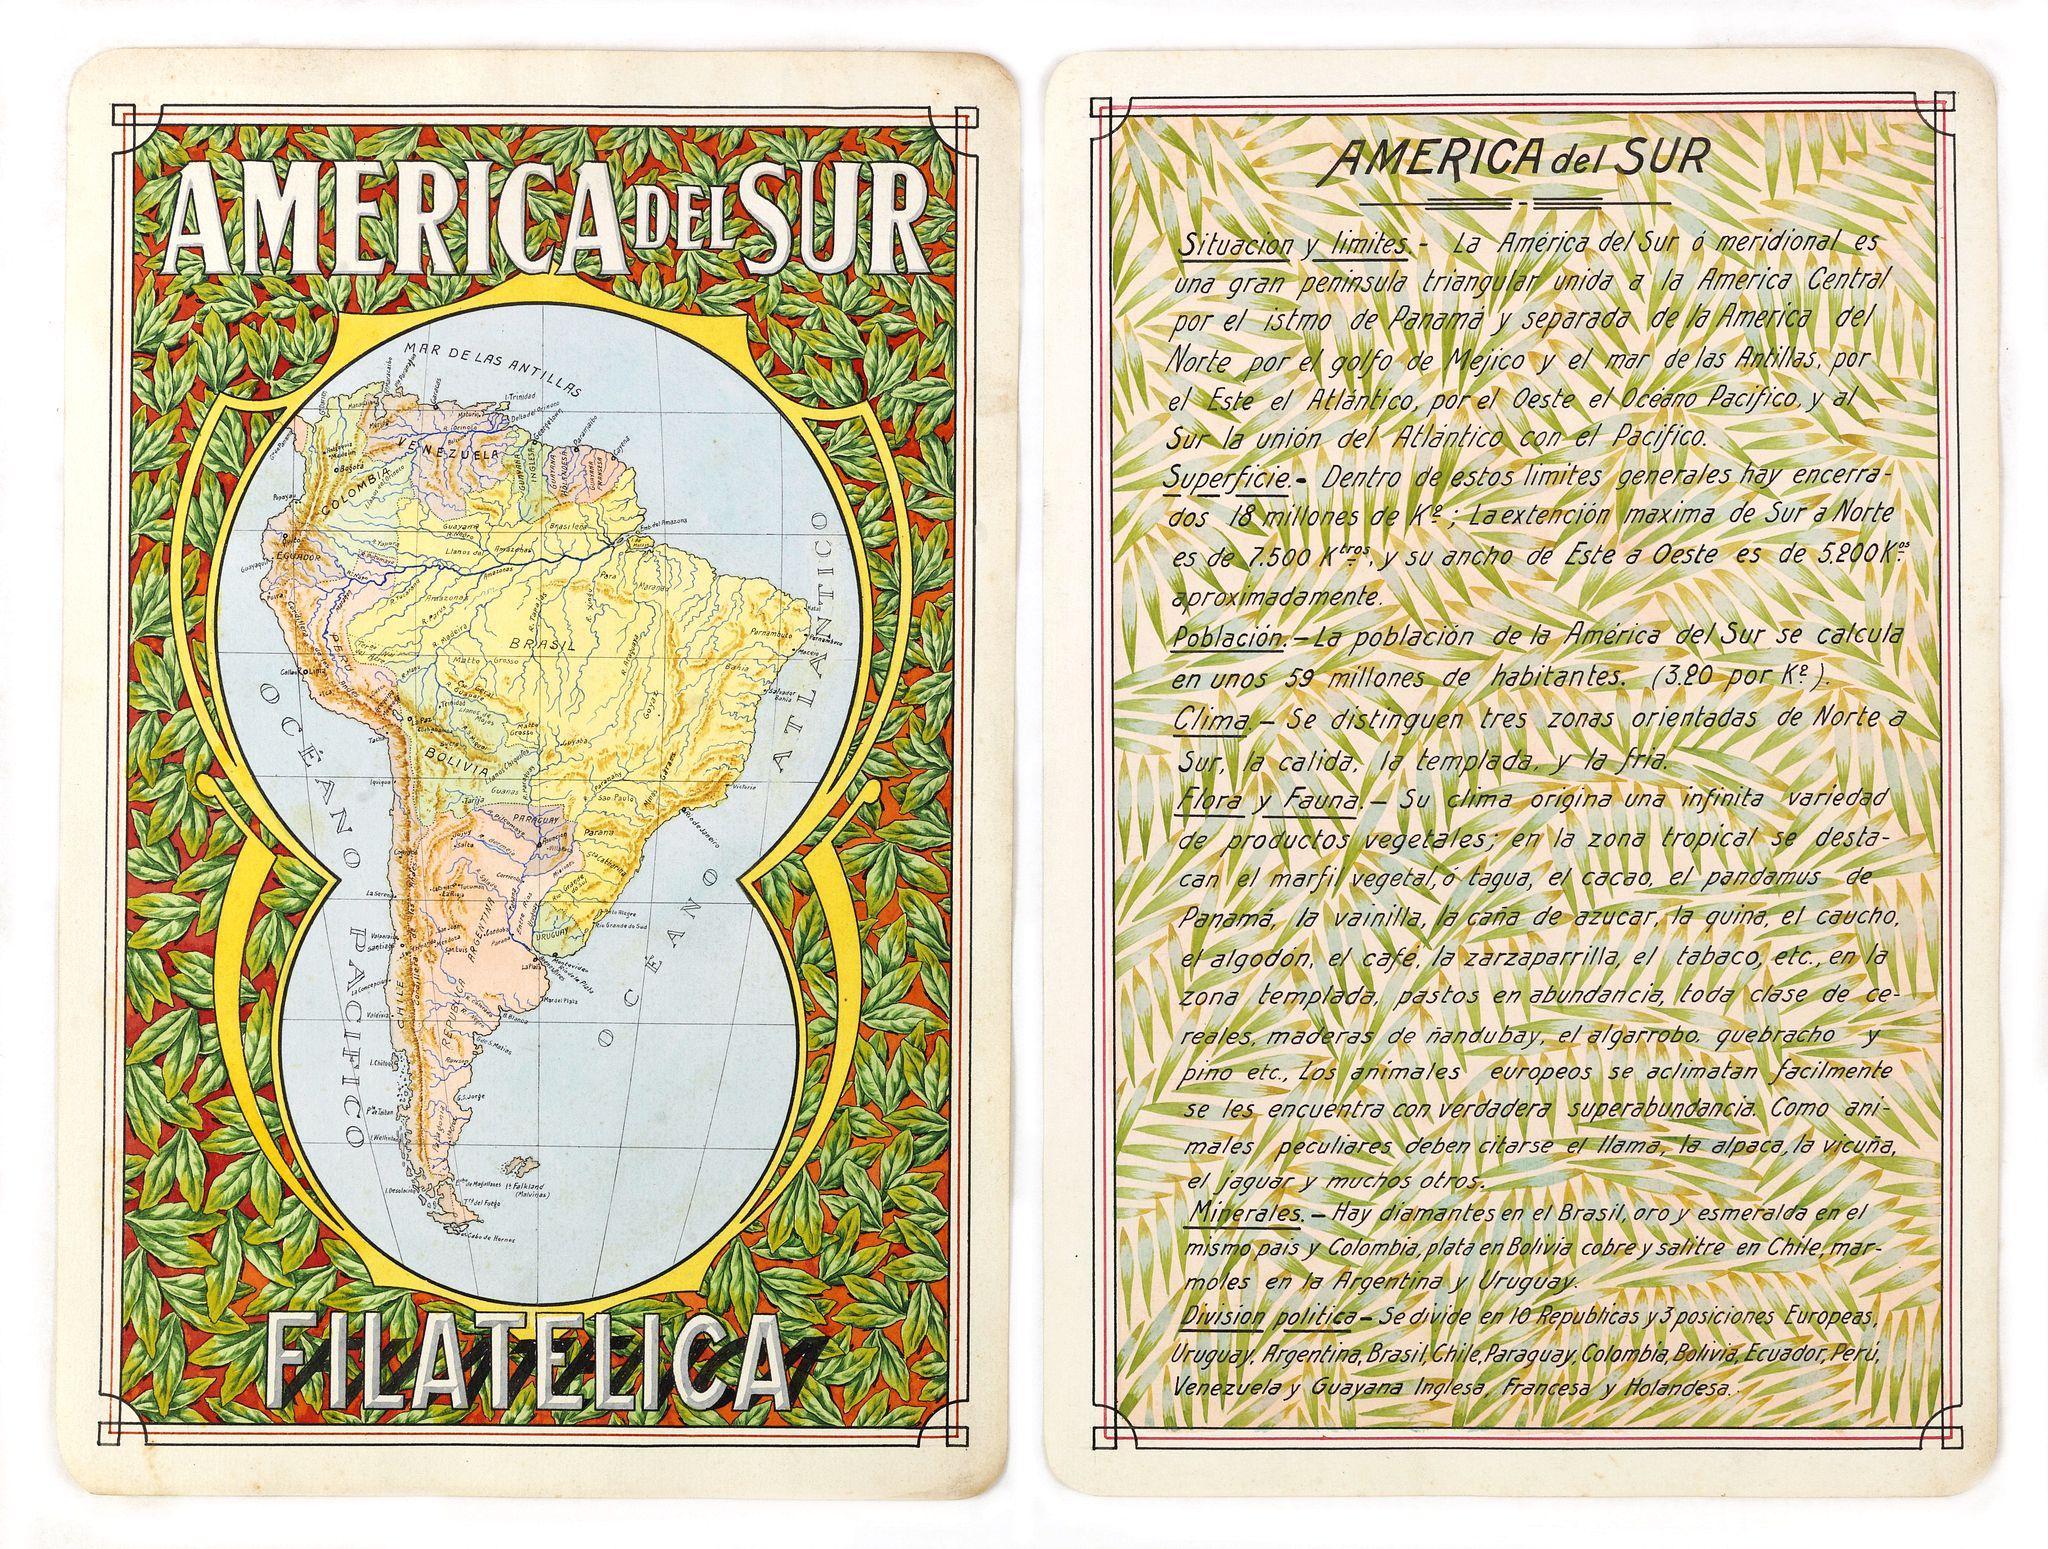 RAGGIO, Antonio F. -  America del Sur Filatelica.